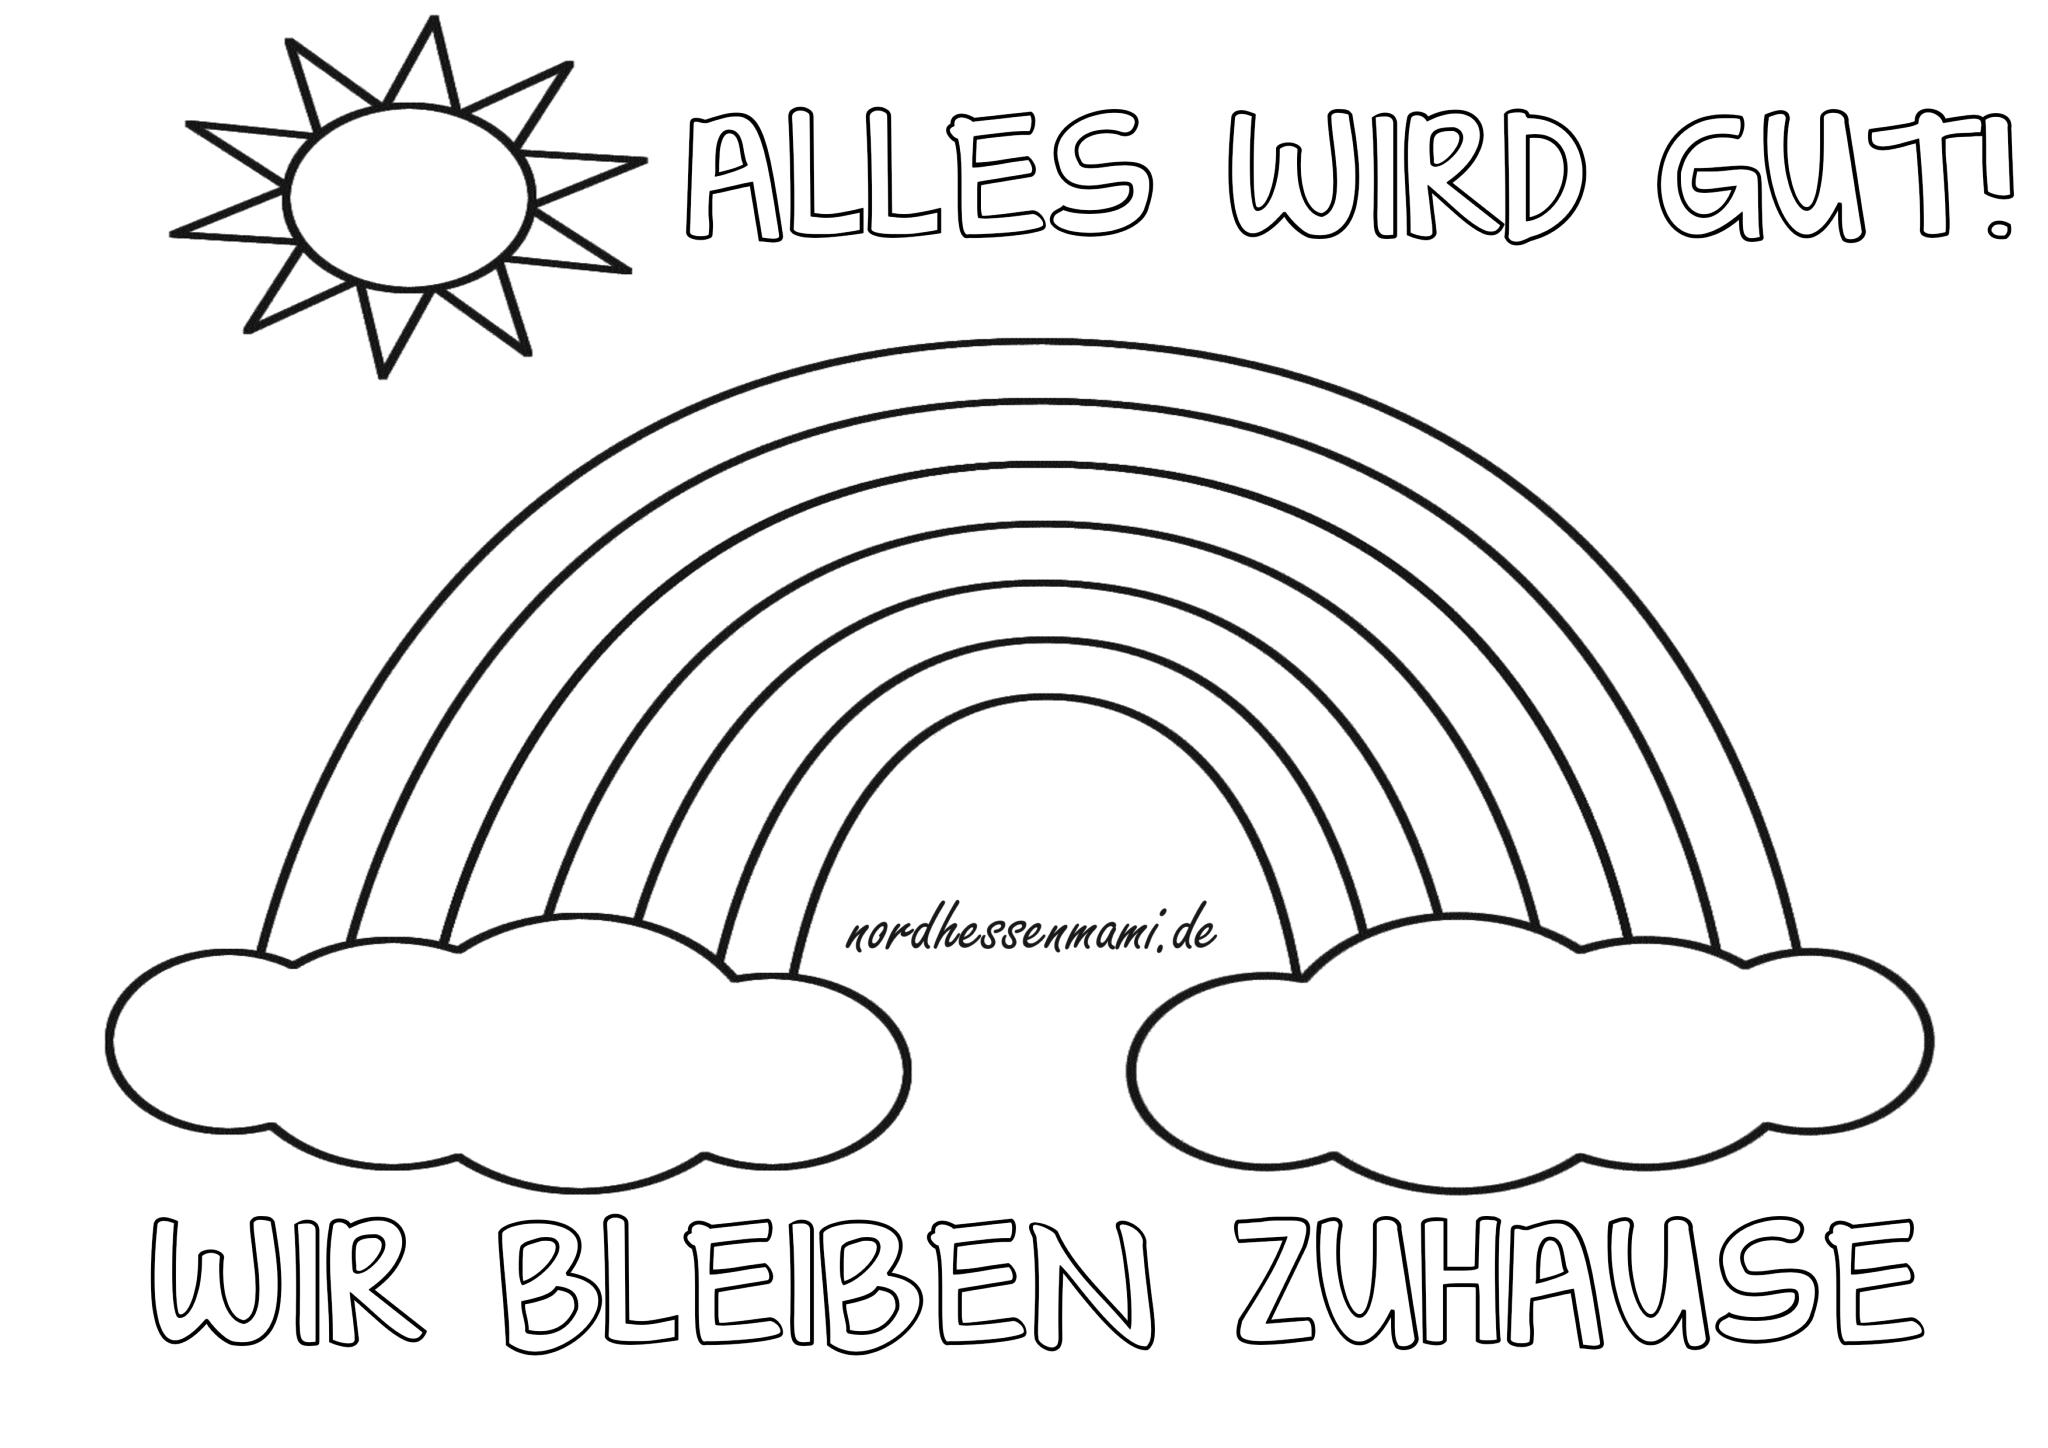 Pin Von Heike Prauser Gohler Auf Regenbogen In 2020 Regenbogen Mandala Zum Ausdrucken Kinder